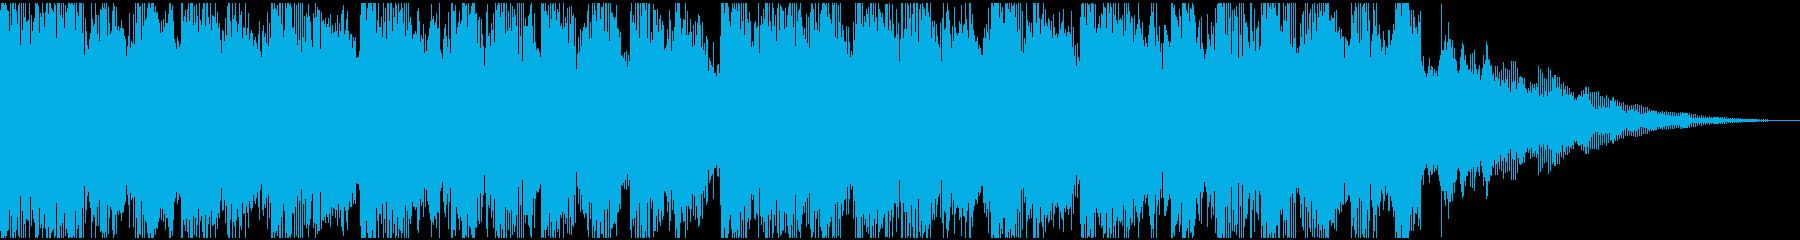 現代の交響曲 アンビエント 企業イ...の再生済みの波形